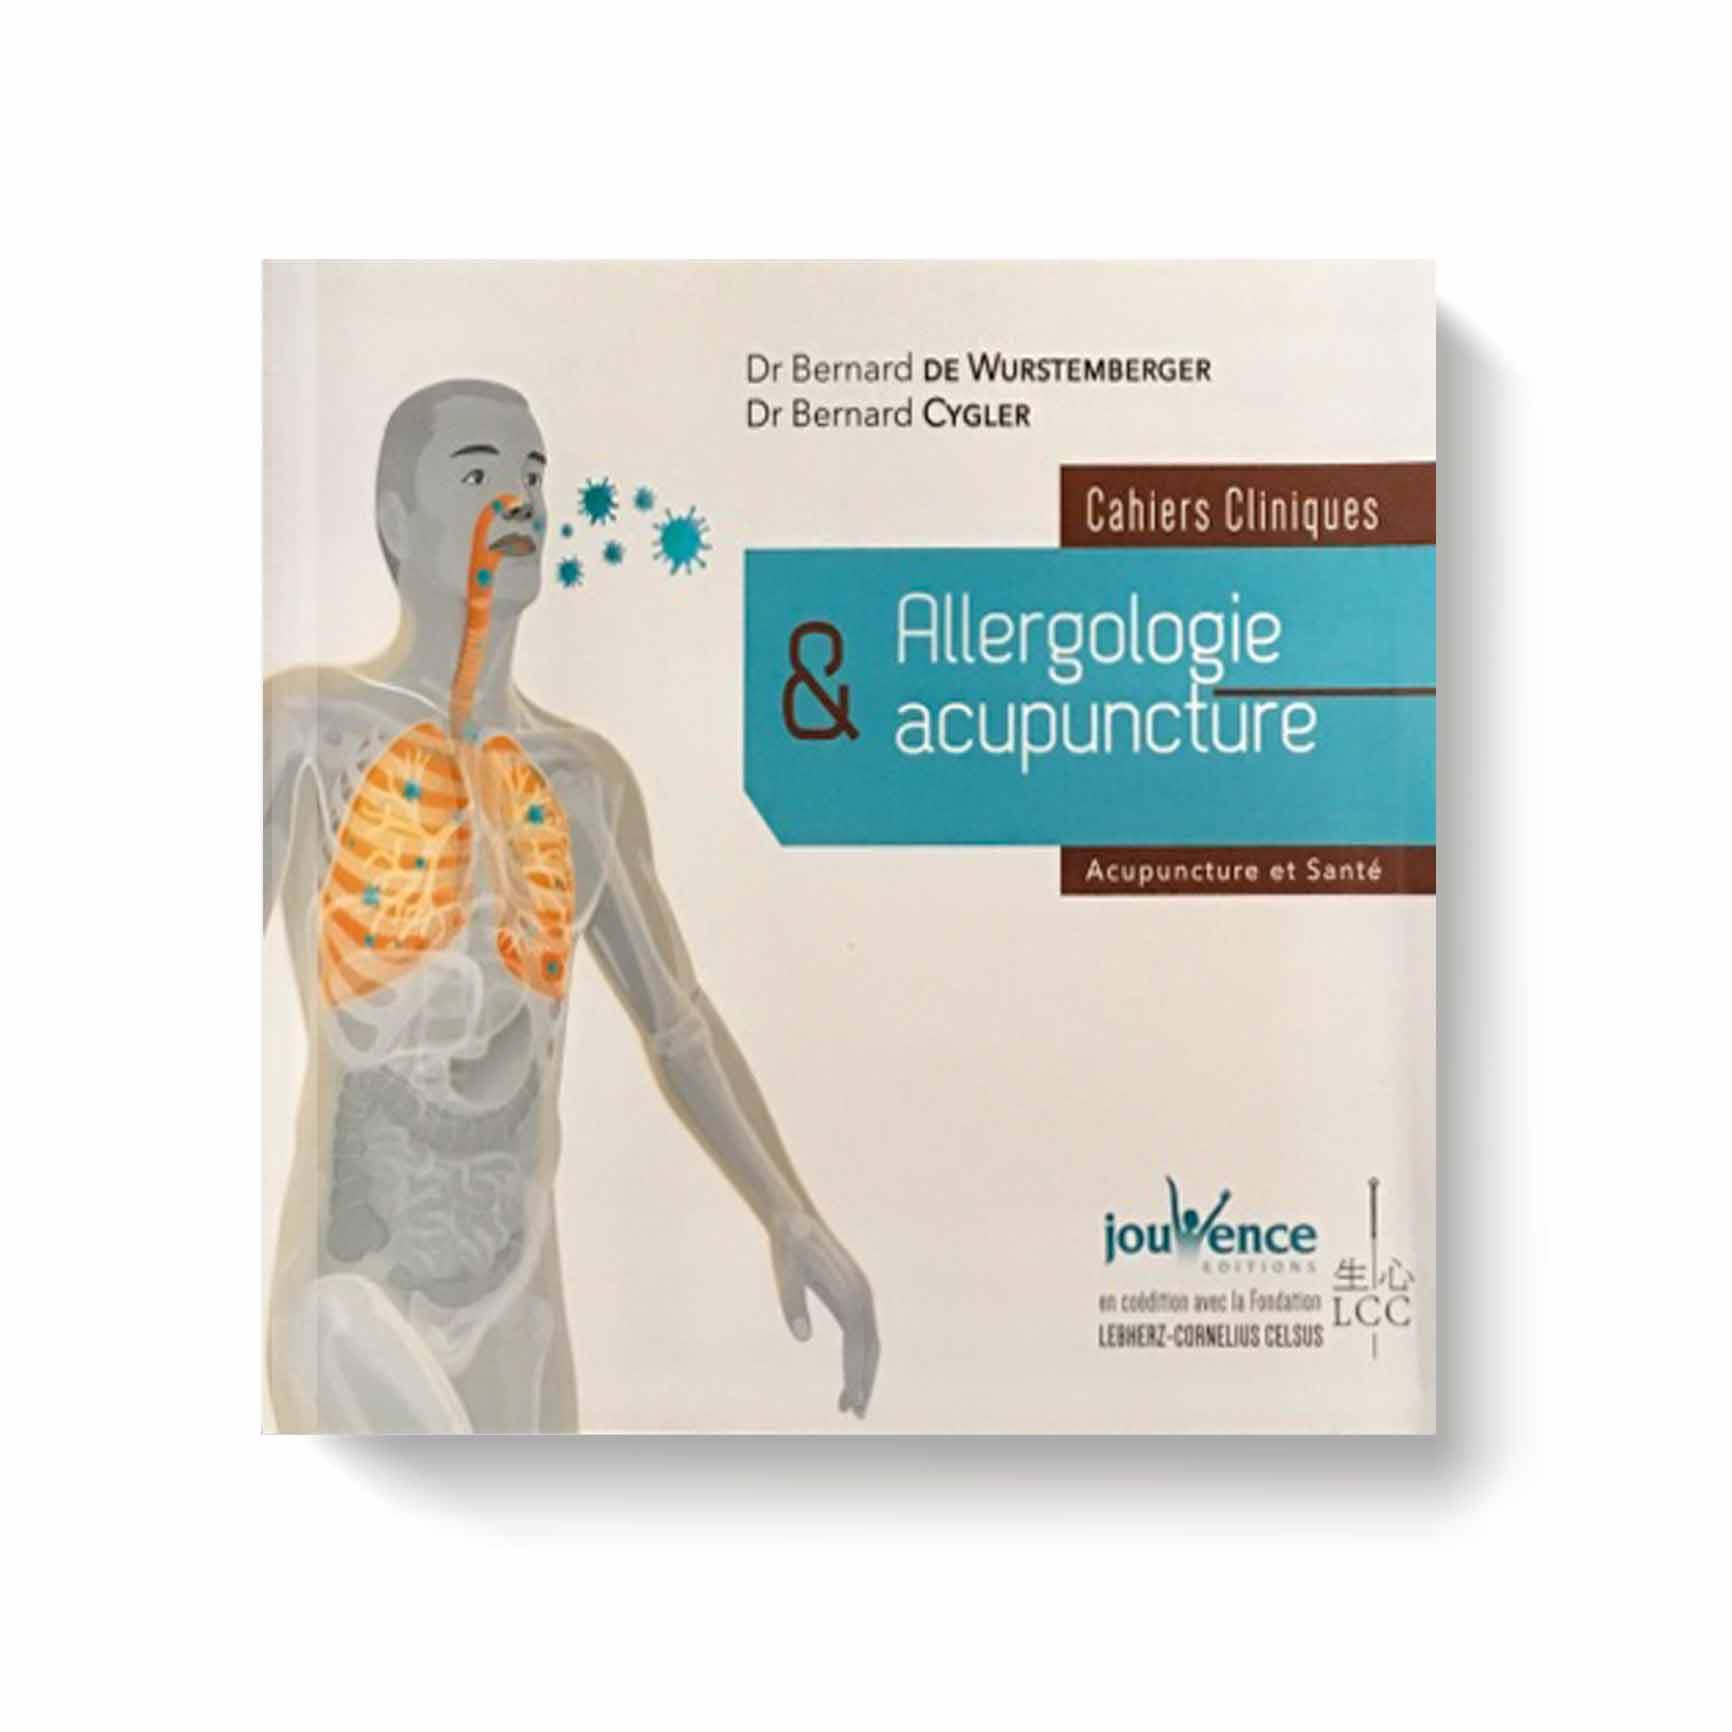 Allergologie & acupunture